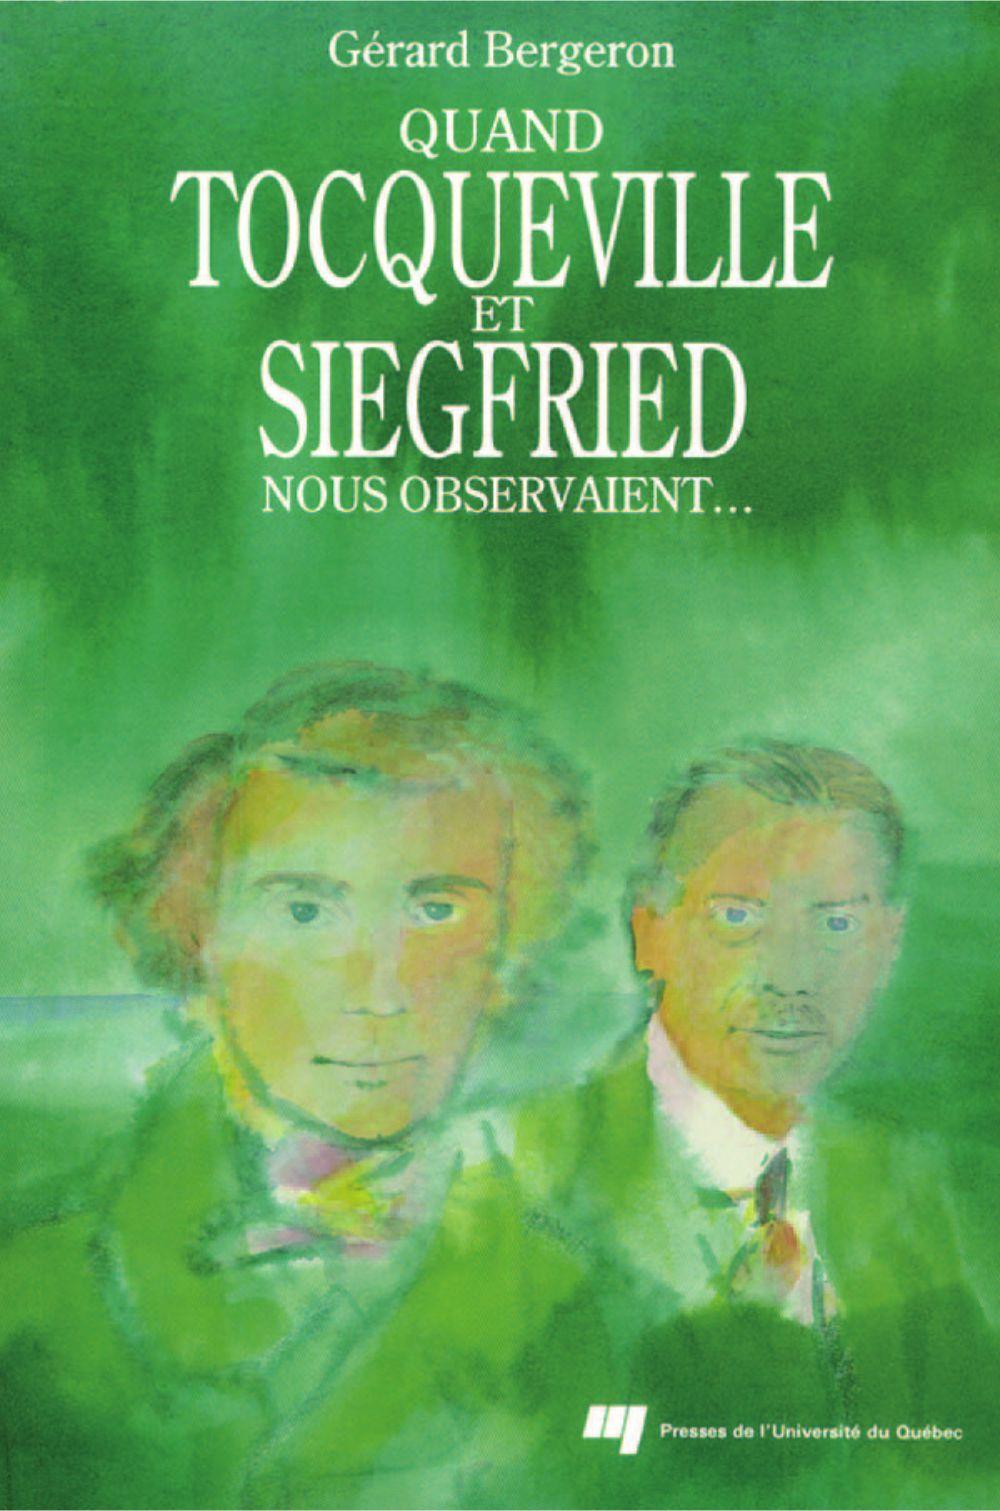 Quand Tocqueville et Siegfried nous observaient...